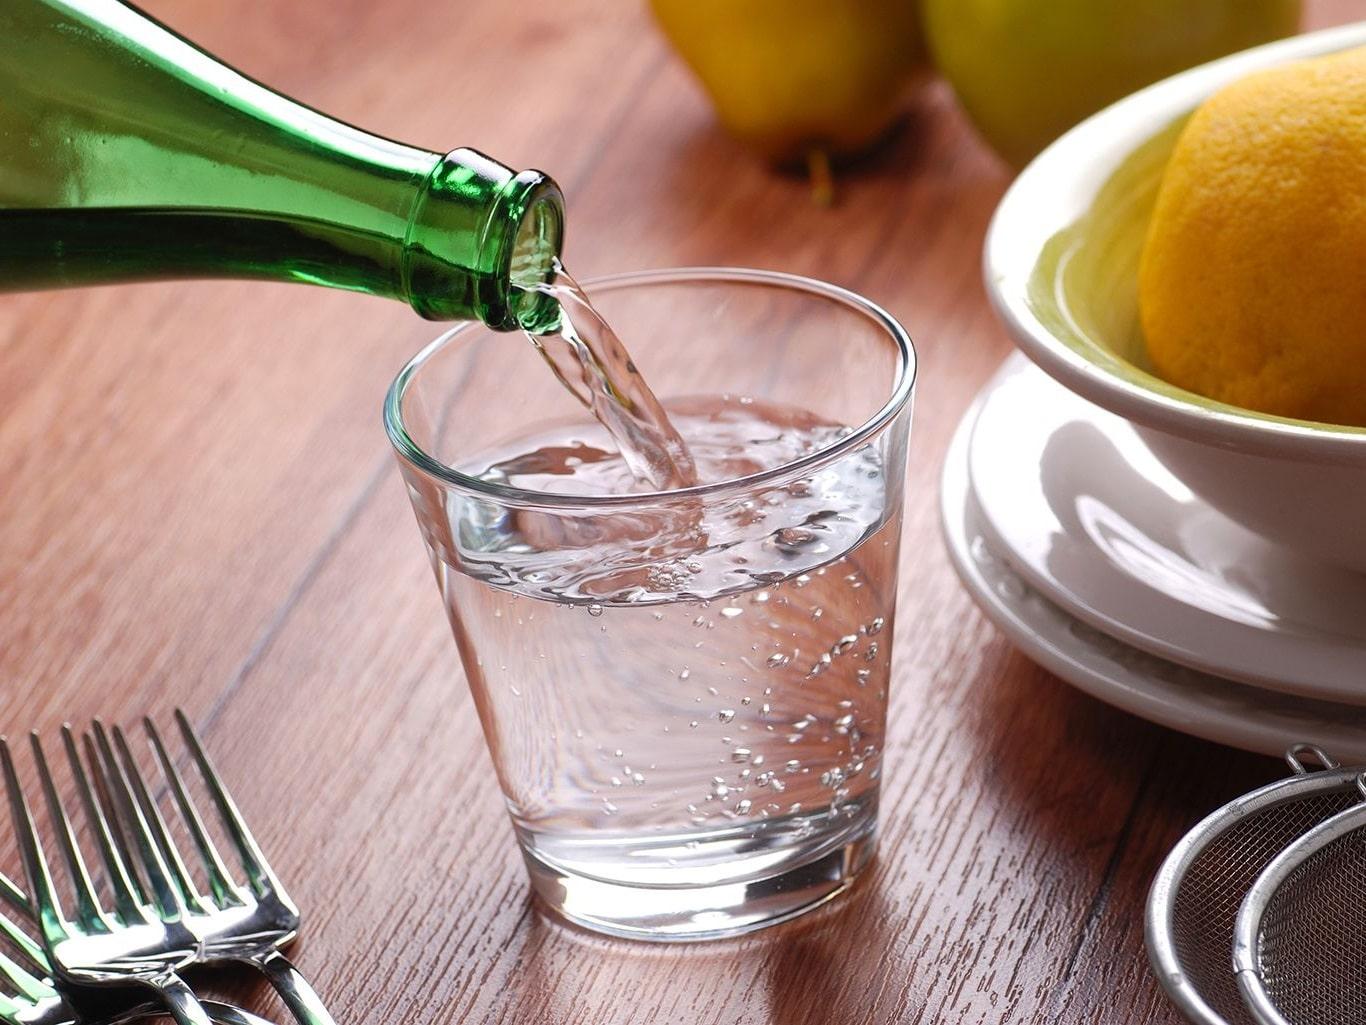 як правильно пити воду після їжі